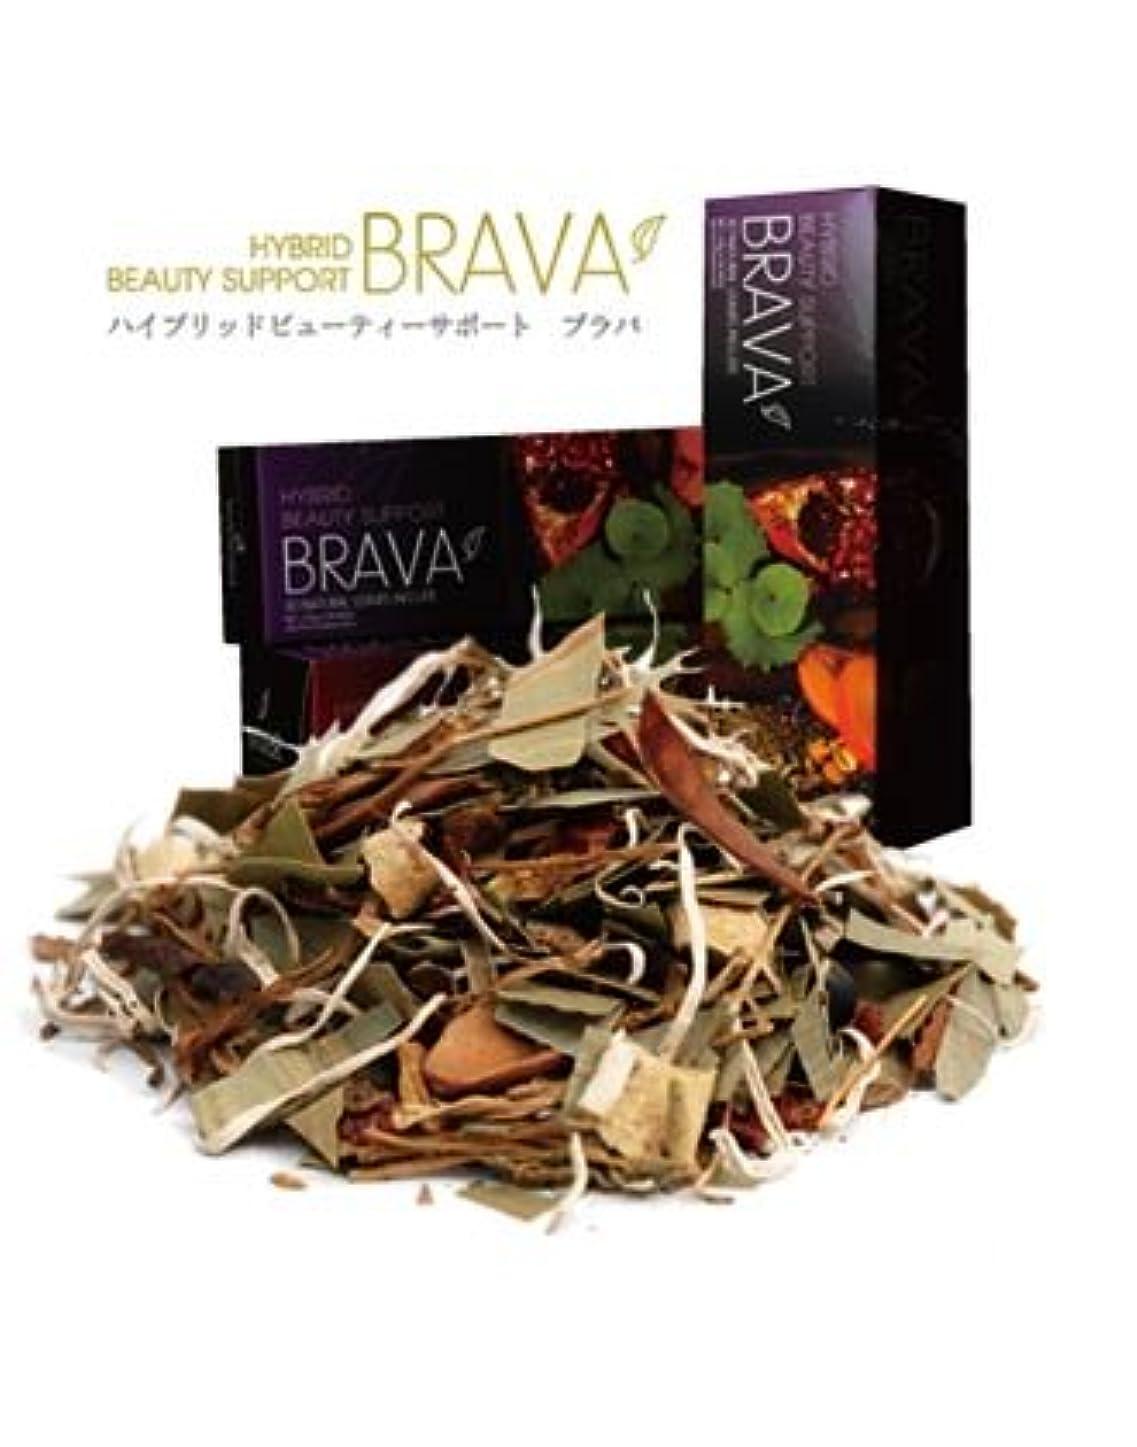 インストール絶対に描くハイブリッドビューティサポート BRAVA(ブラバ) 20包